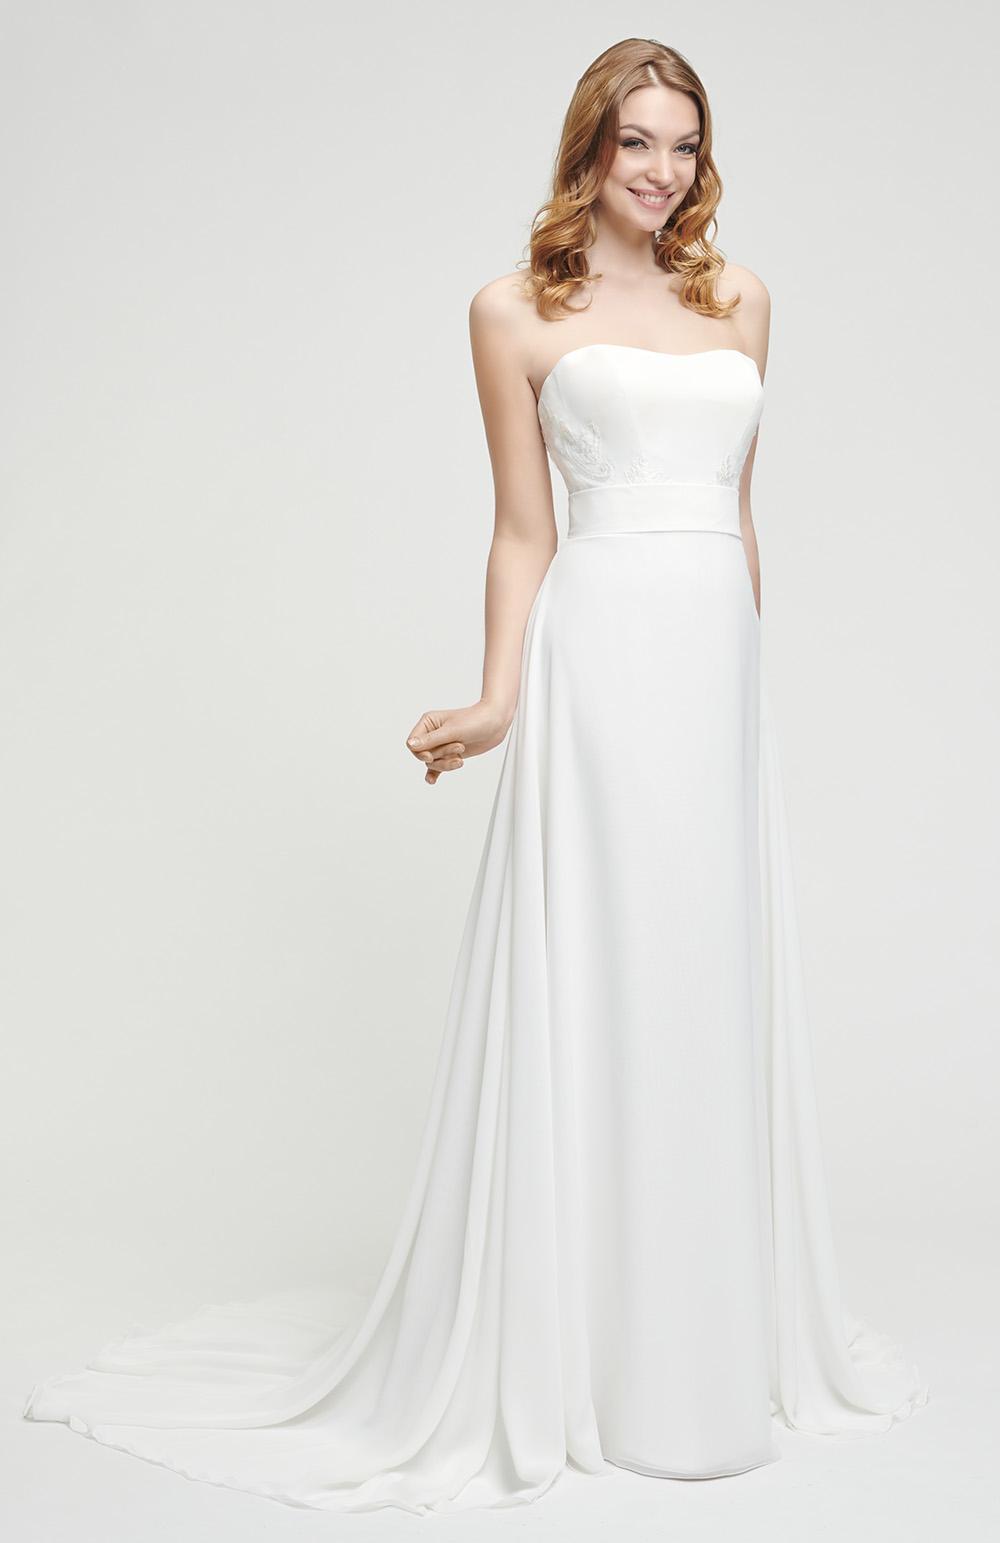 Robe Mariage Paris Robes De Mariée 2019 2020 Boutique